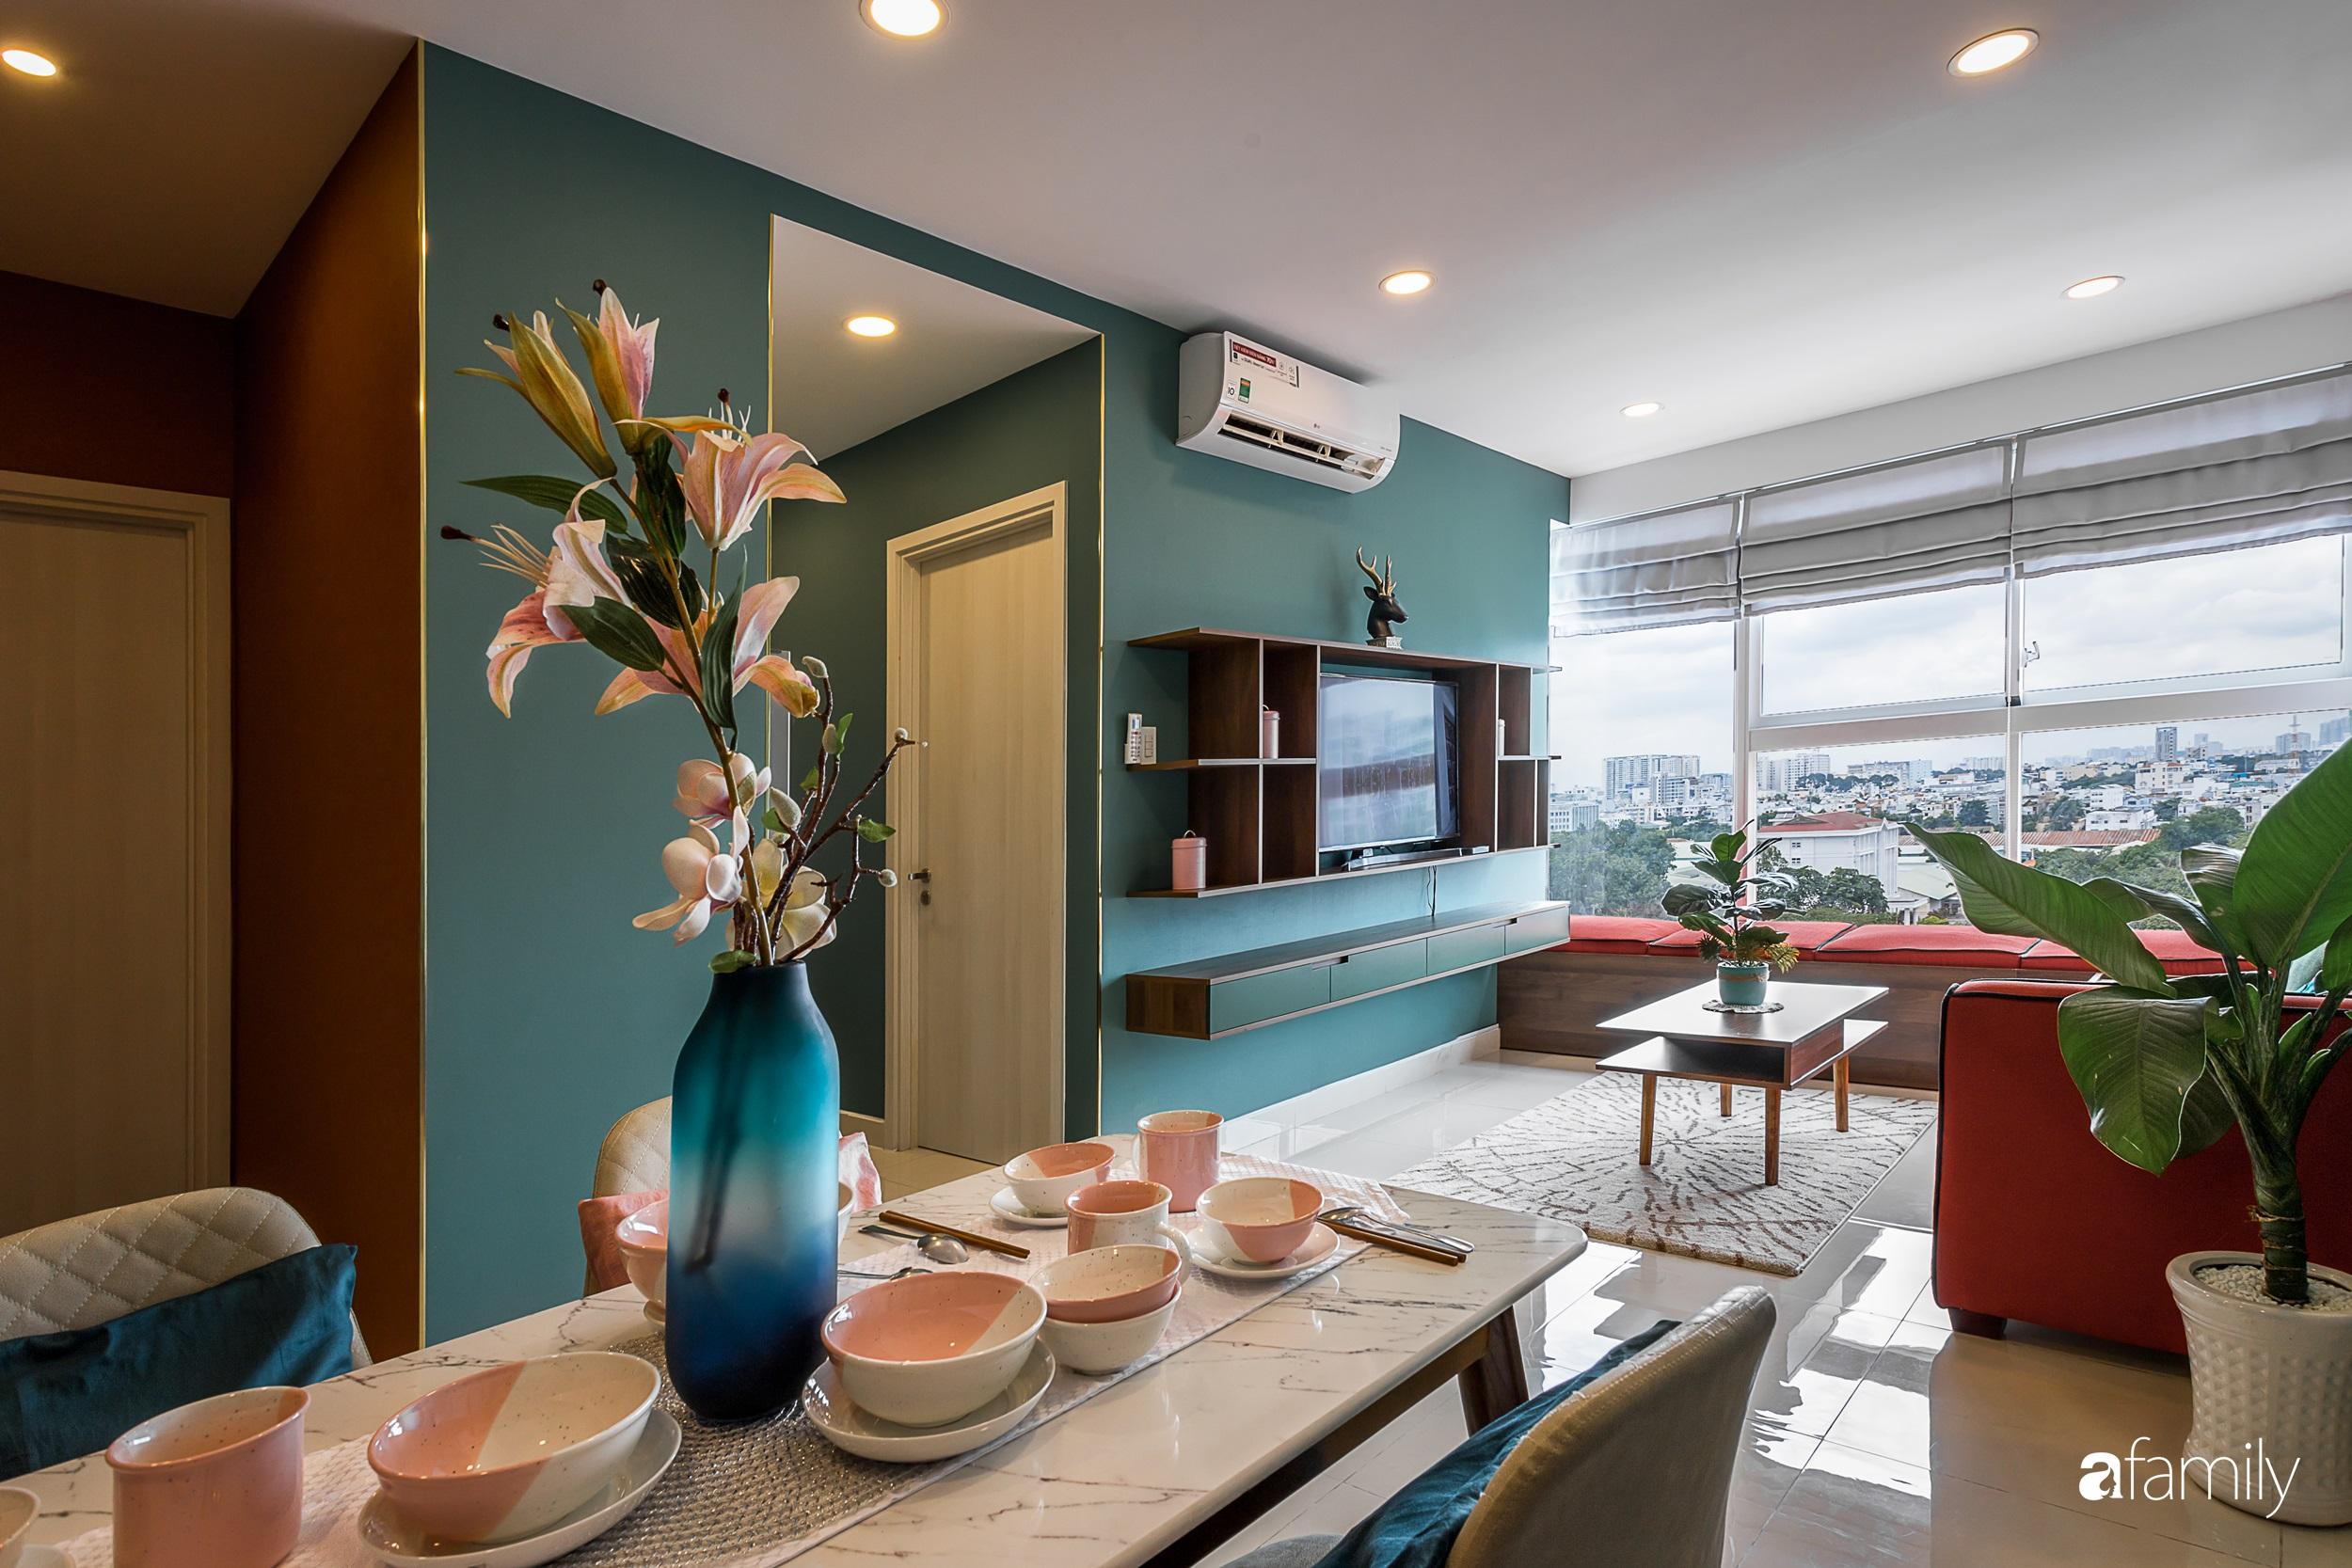 """Lạc bước vào """"rừng nhiệt đới"""" trong căn hộ 70m² ở quận Phú Nhuận, TP. HCM - Ảnh 7."""